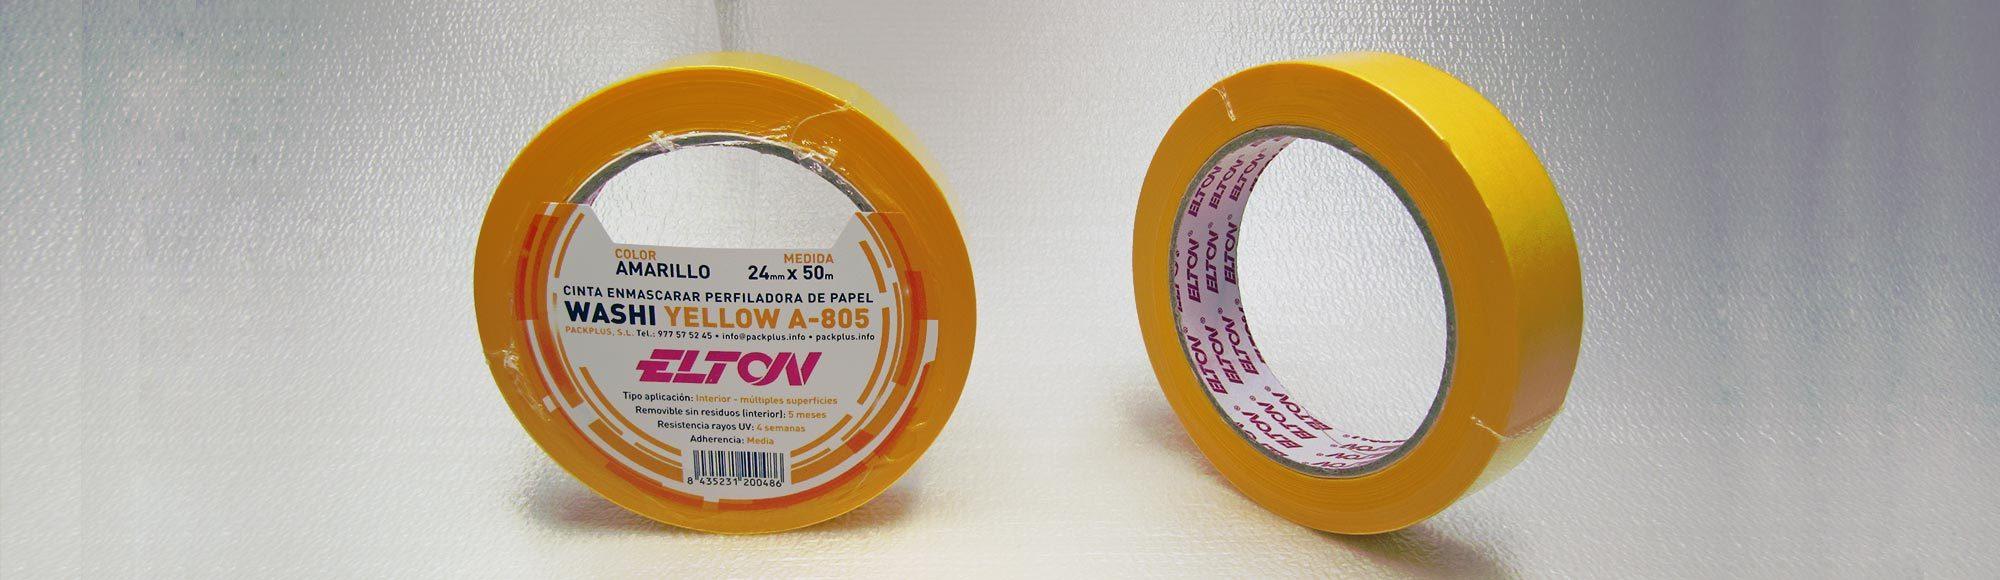 Cinta-masking-washi-amarillo-packplus